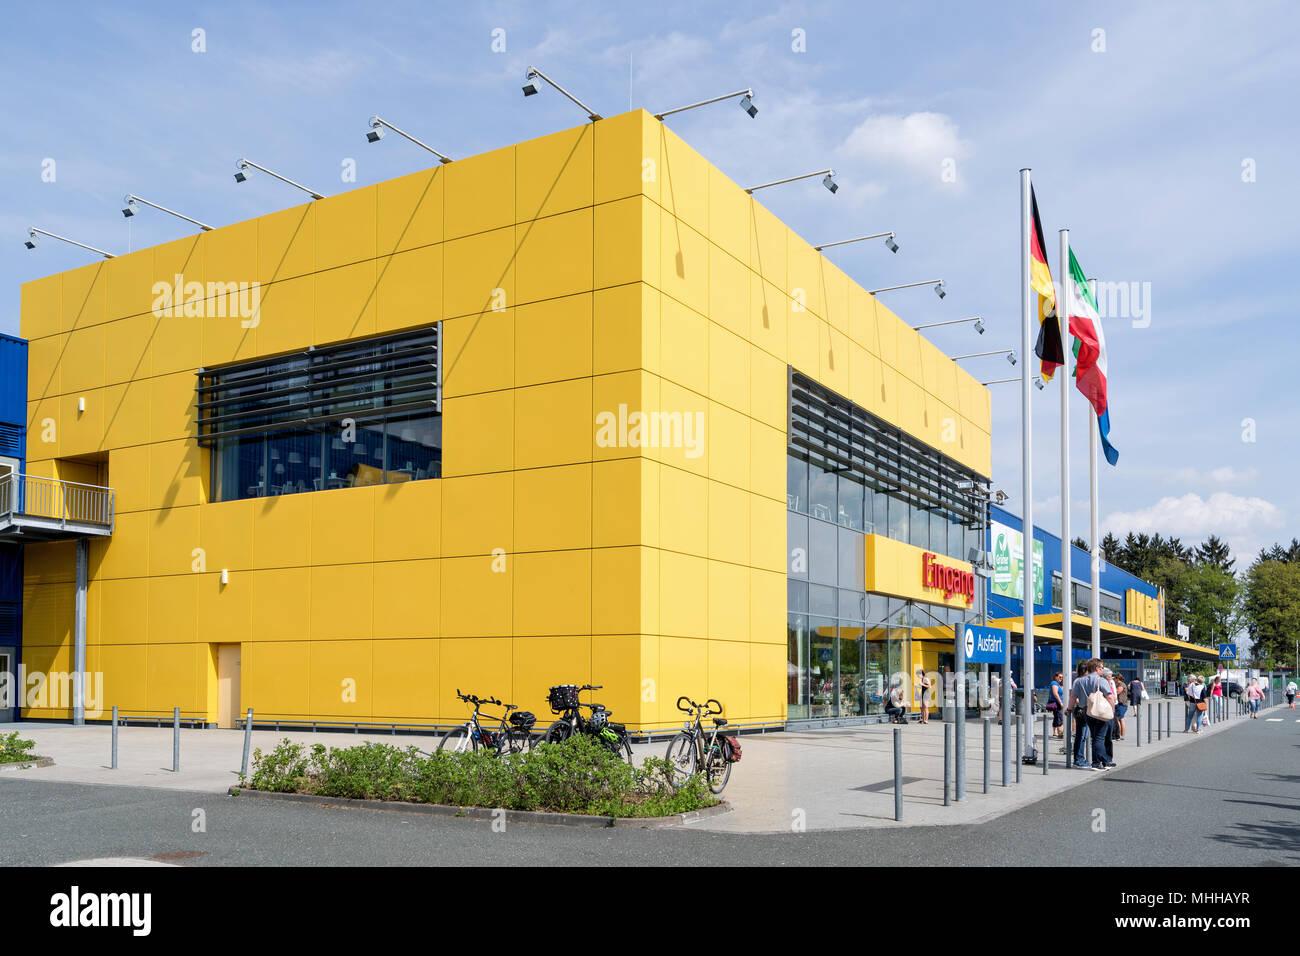 Mobel Gebraucht Siegen Gebrauchtmobel Bonn Region Das Soziale Kaufhaus